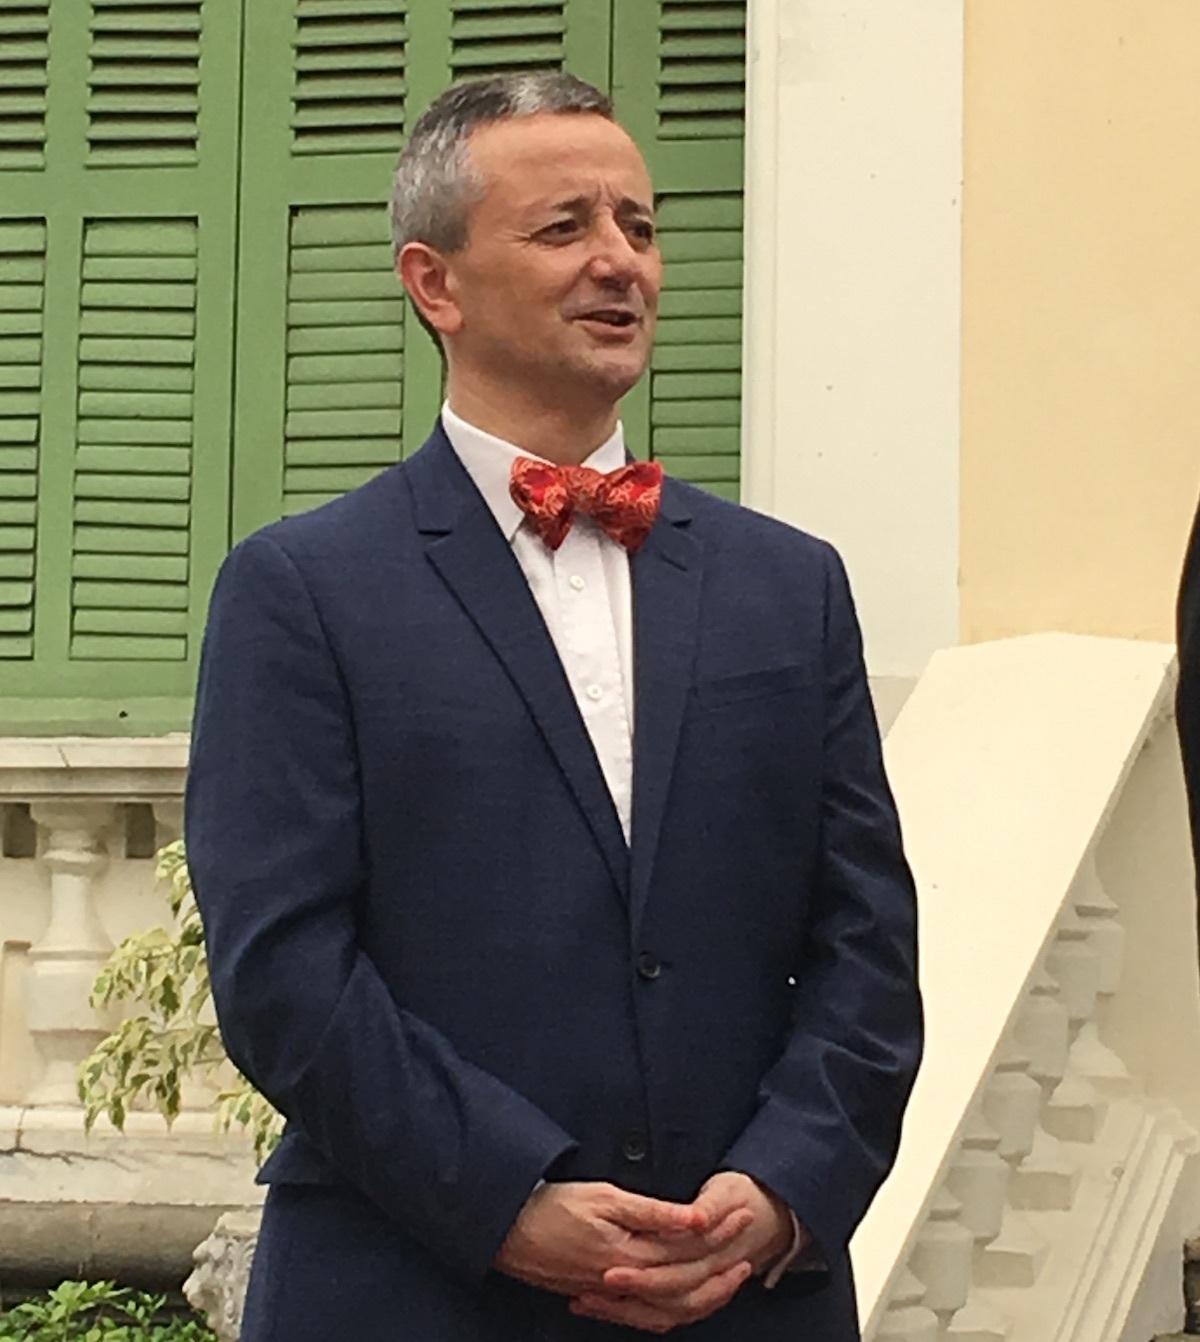 Ông Emmanuel Ly Batallan, Tổng lãnh sự Pháp tại TPHCM khẳng định người Pháp muốn chung tay đưa TPHCM trở thành hòn ngọc Viễn Đông